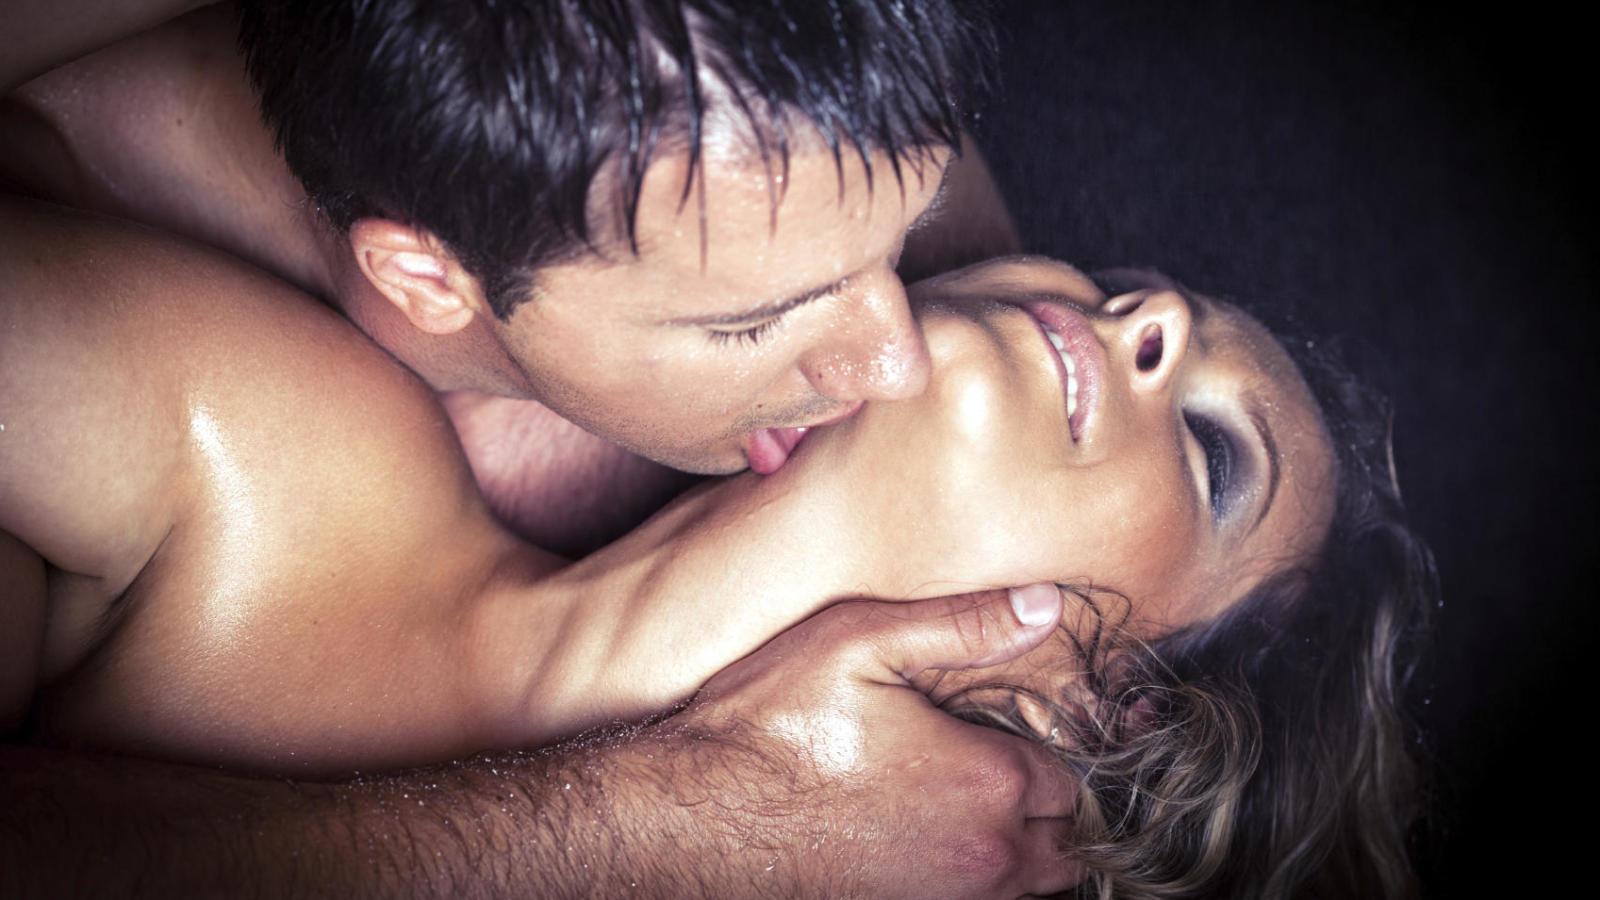 parte superior mujer madura oral con condón